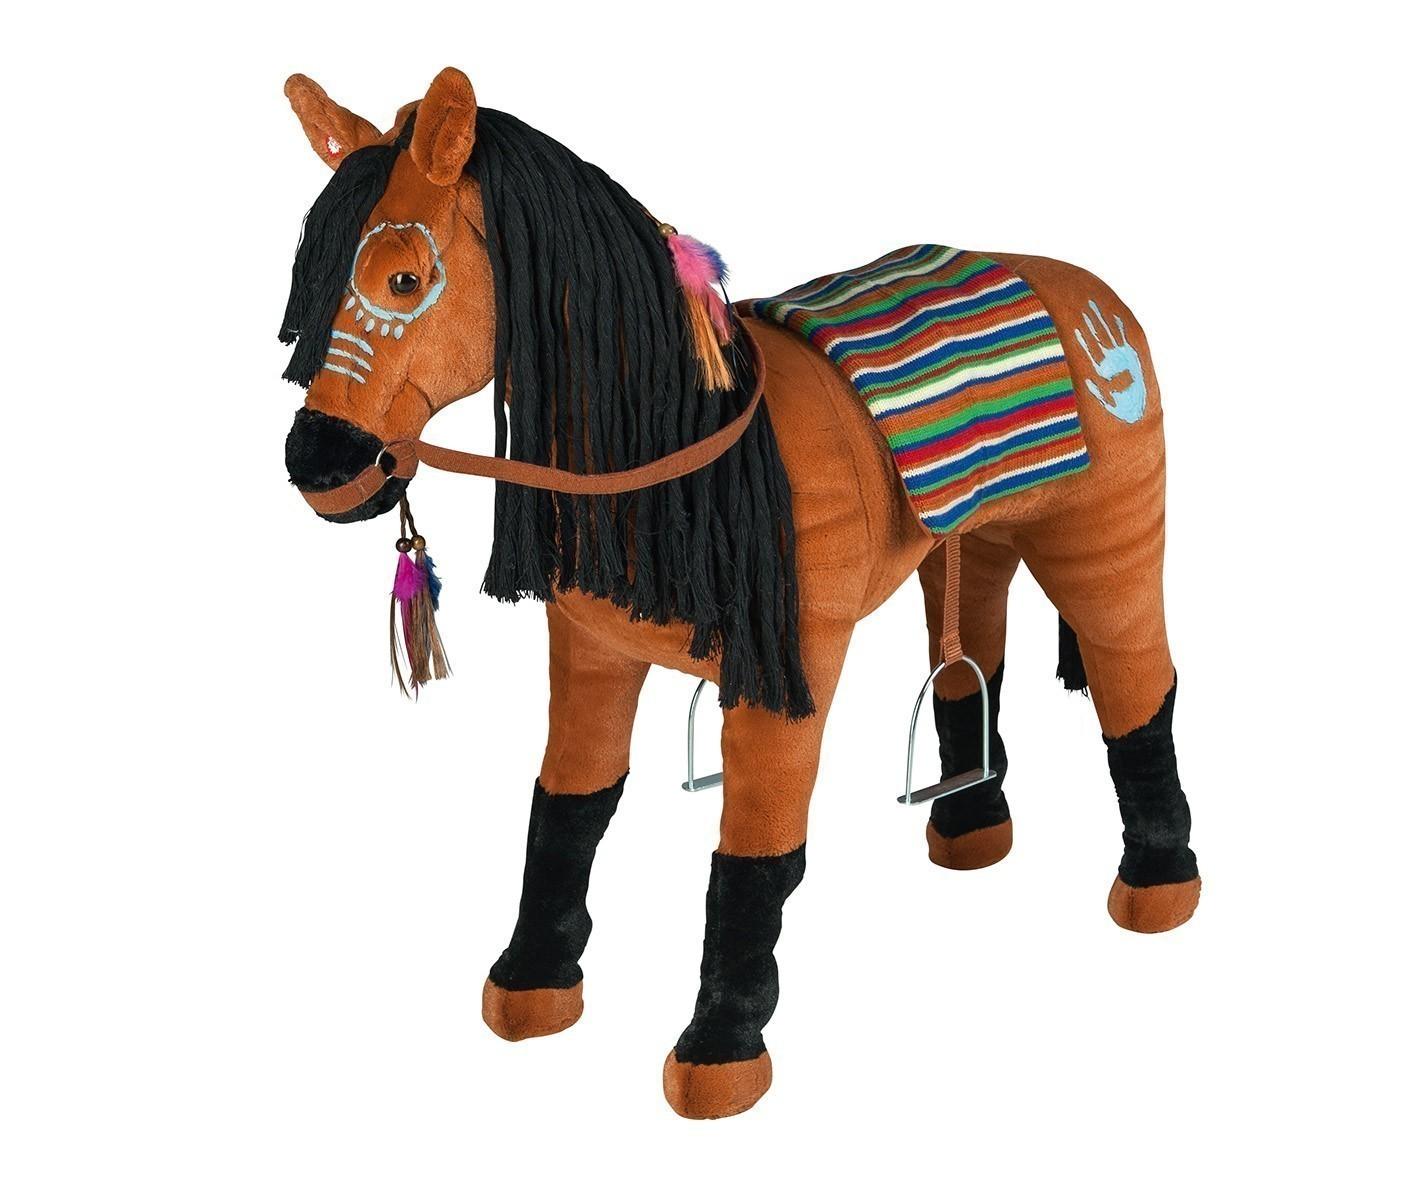 Plüschpferd Indianerpferd mit Sattel + Sound Happy People 58062 Bild 1